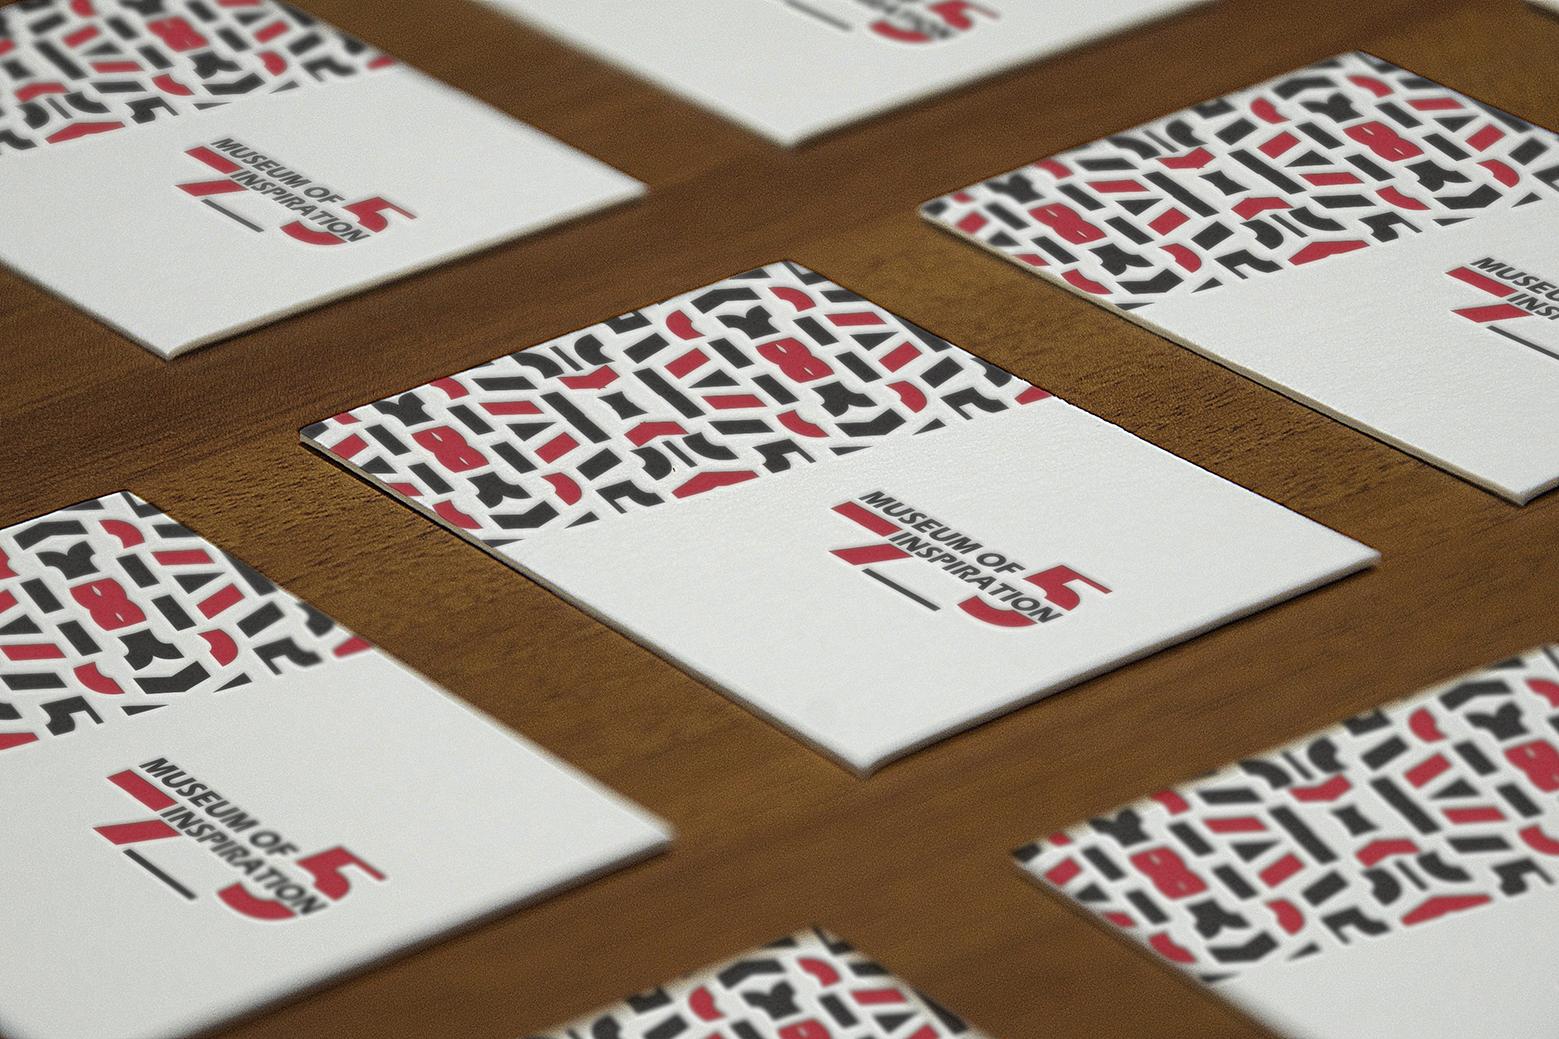 LetterpressCard-03